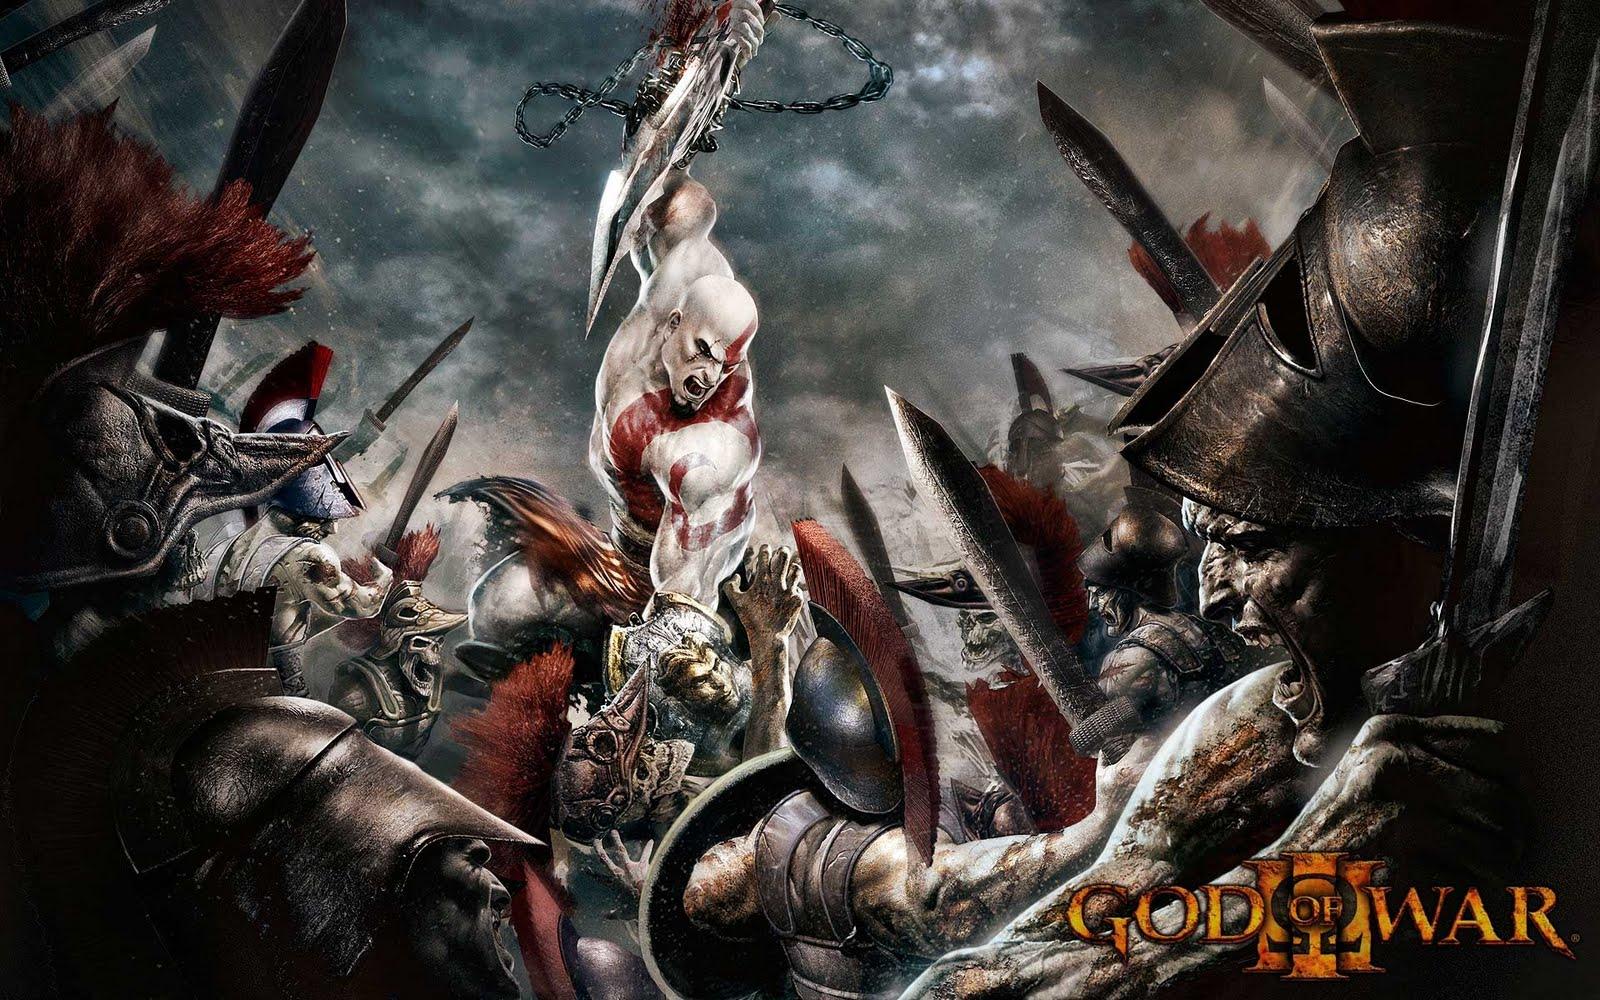 http://1.bp.blogspot.com/_8qpPSvGF7KQ/S-MMXhaF-oI/AAAAAAAAA8E/2bA4qCGSv2Q/s1600/God-of-War-3-1833.jpg